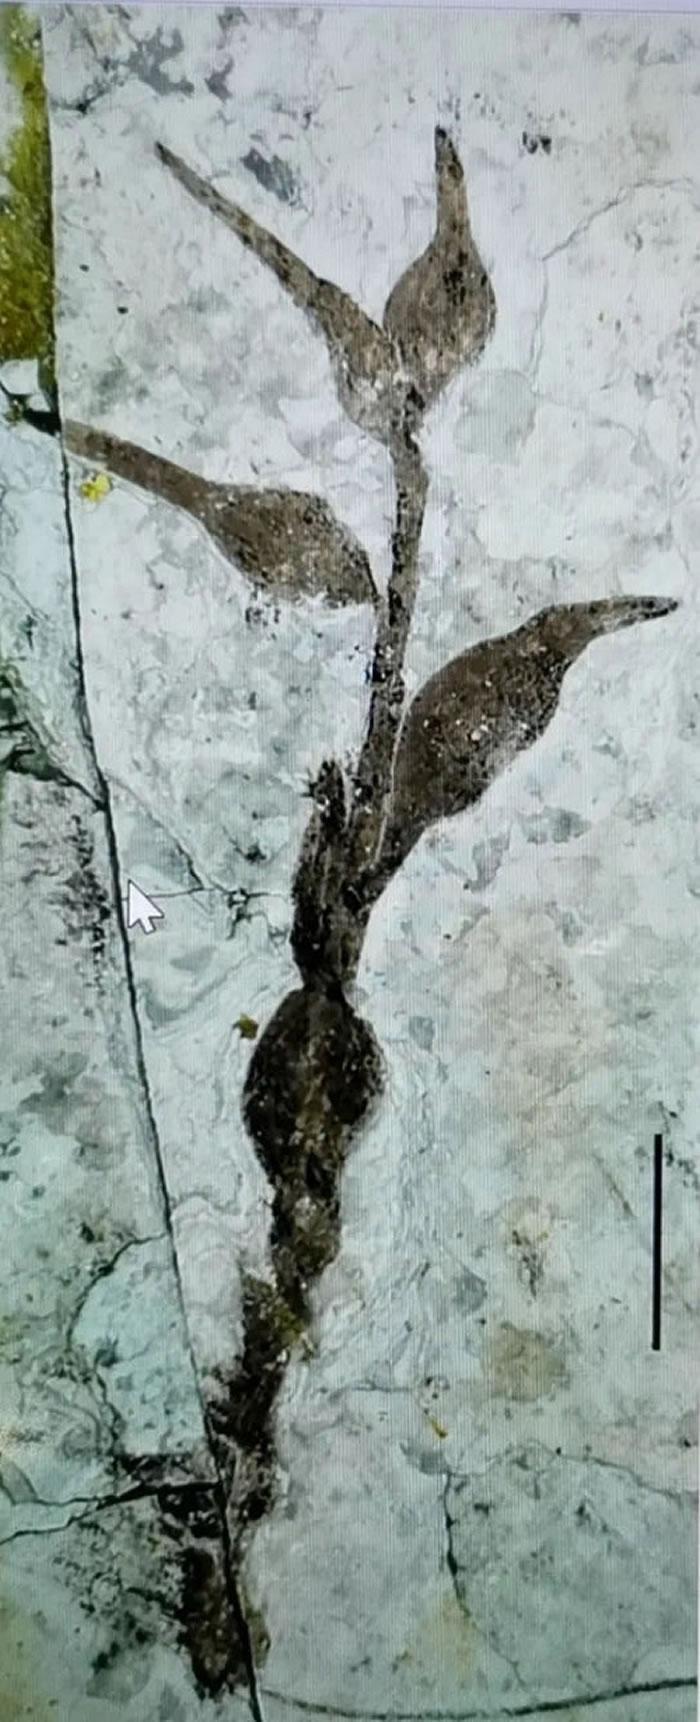 中国早白垩世被子植物的新果序:柳条沟始果为被子植物起源提供新证据